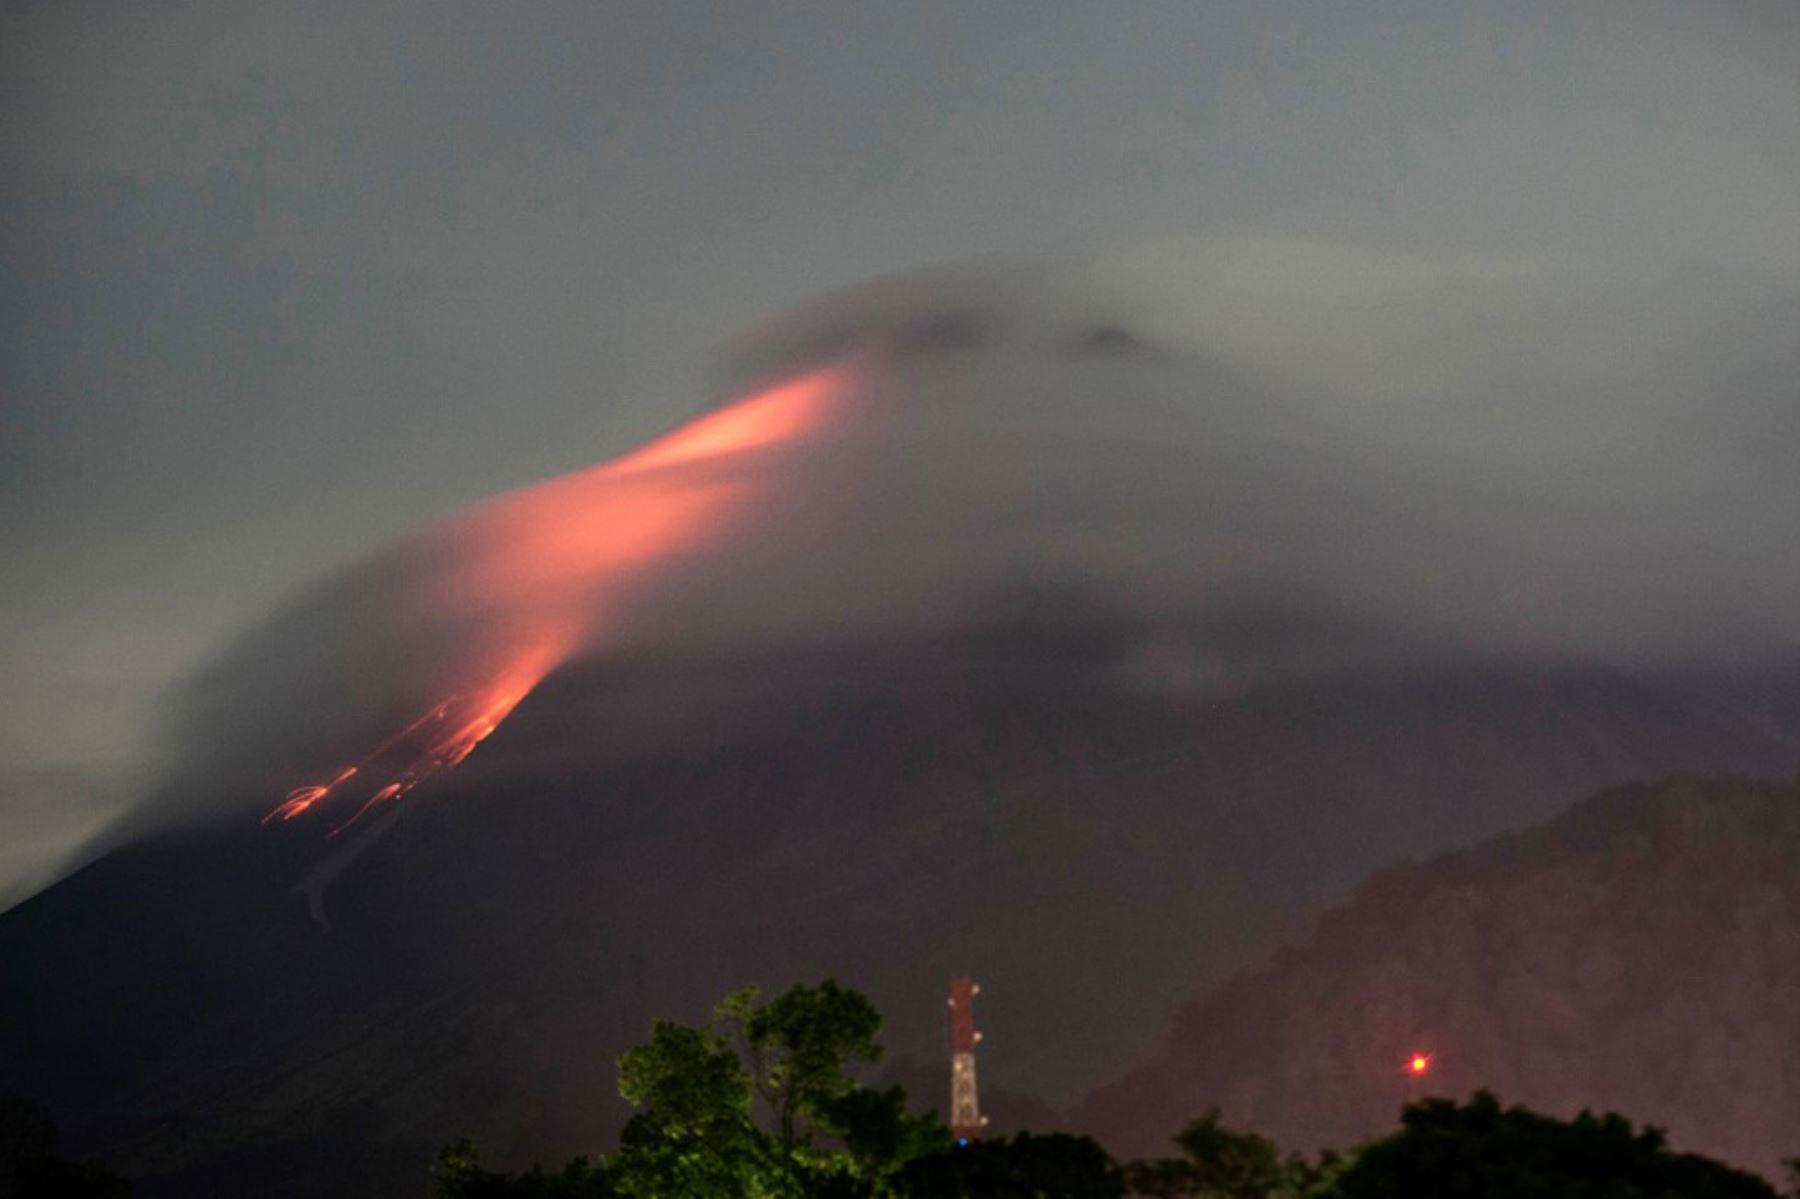 La lava fluye desde el cráter del monte Merapi, el volcán más activo de Indonesia, visto desde Kaliurang en Yogyakarta.  Foto: AFP